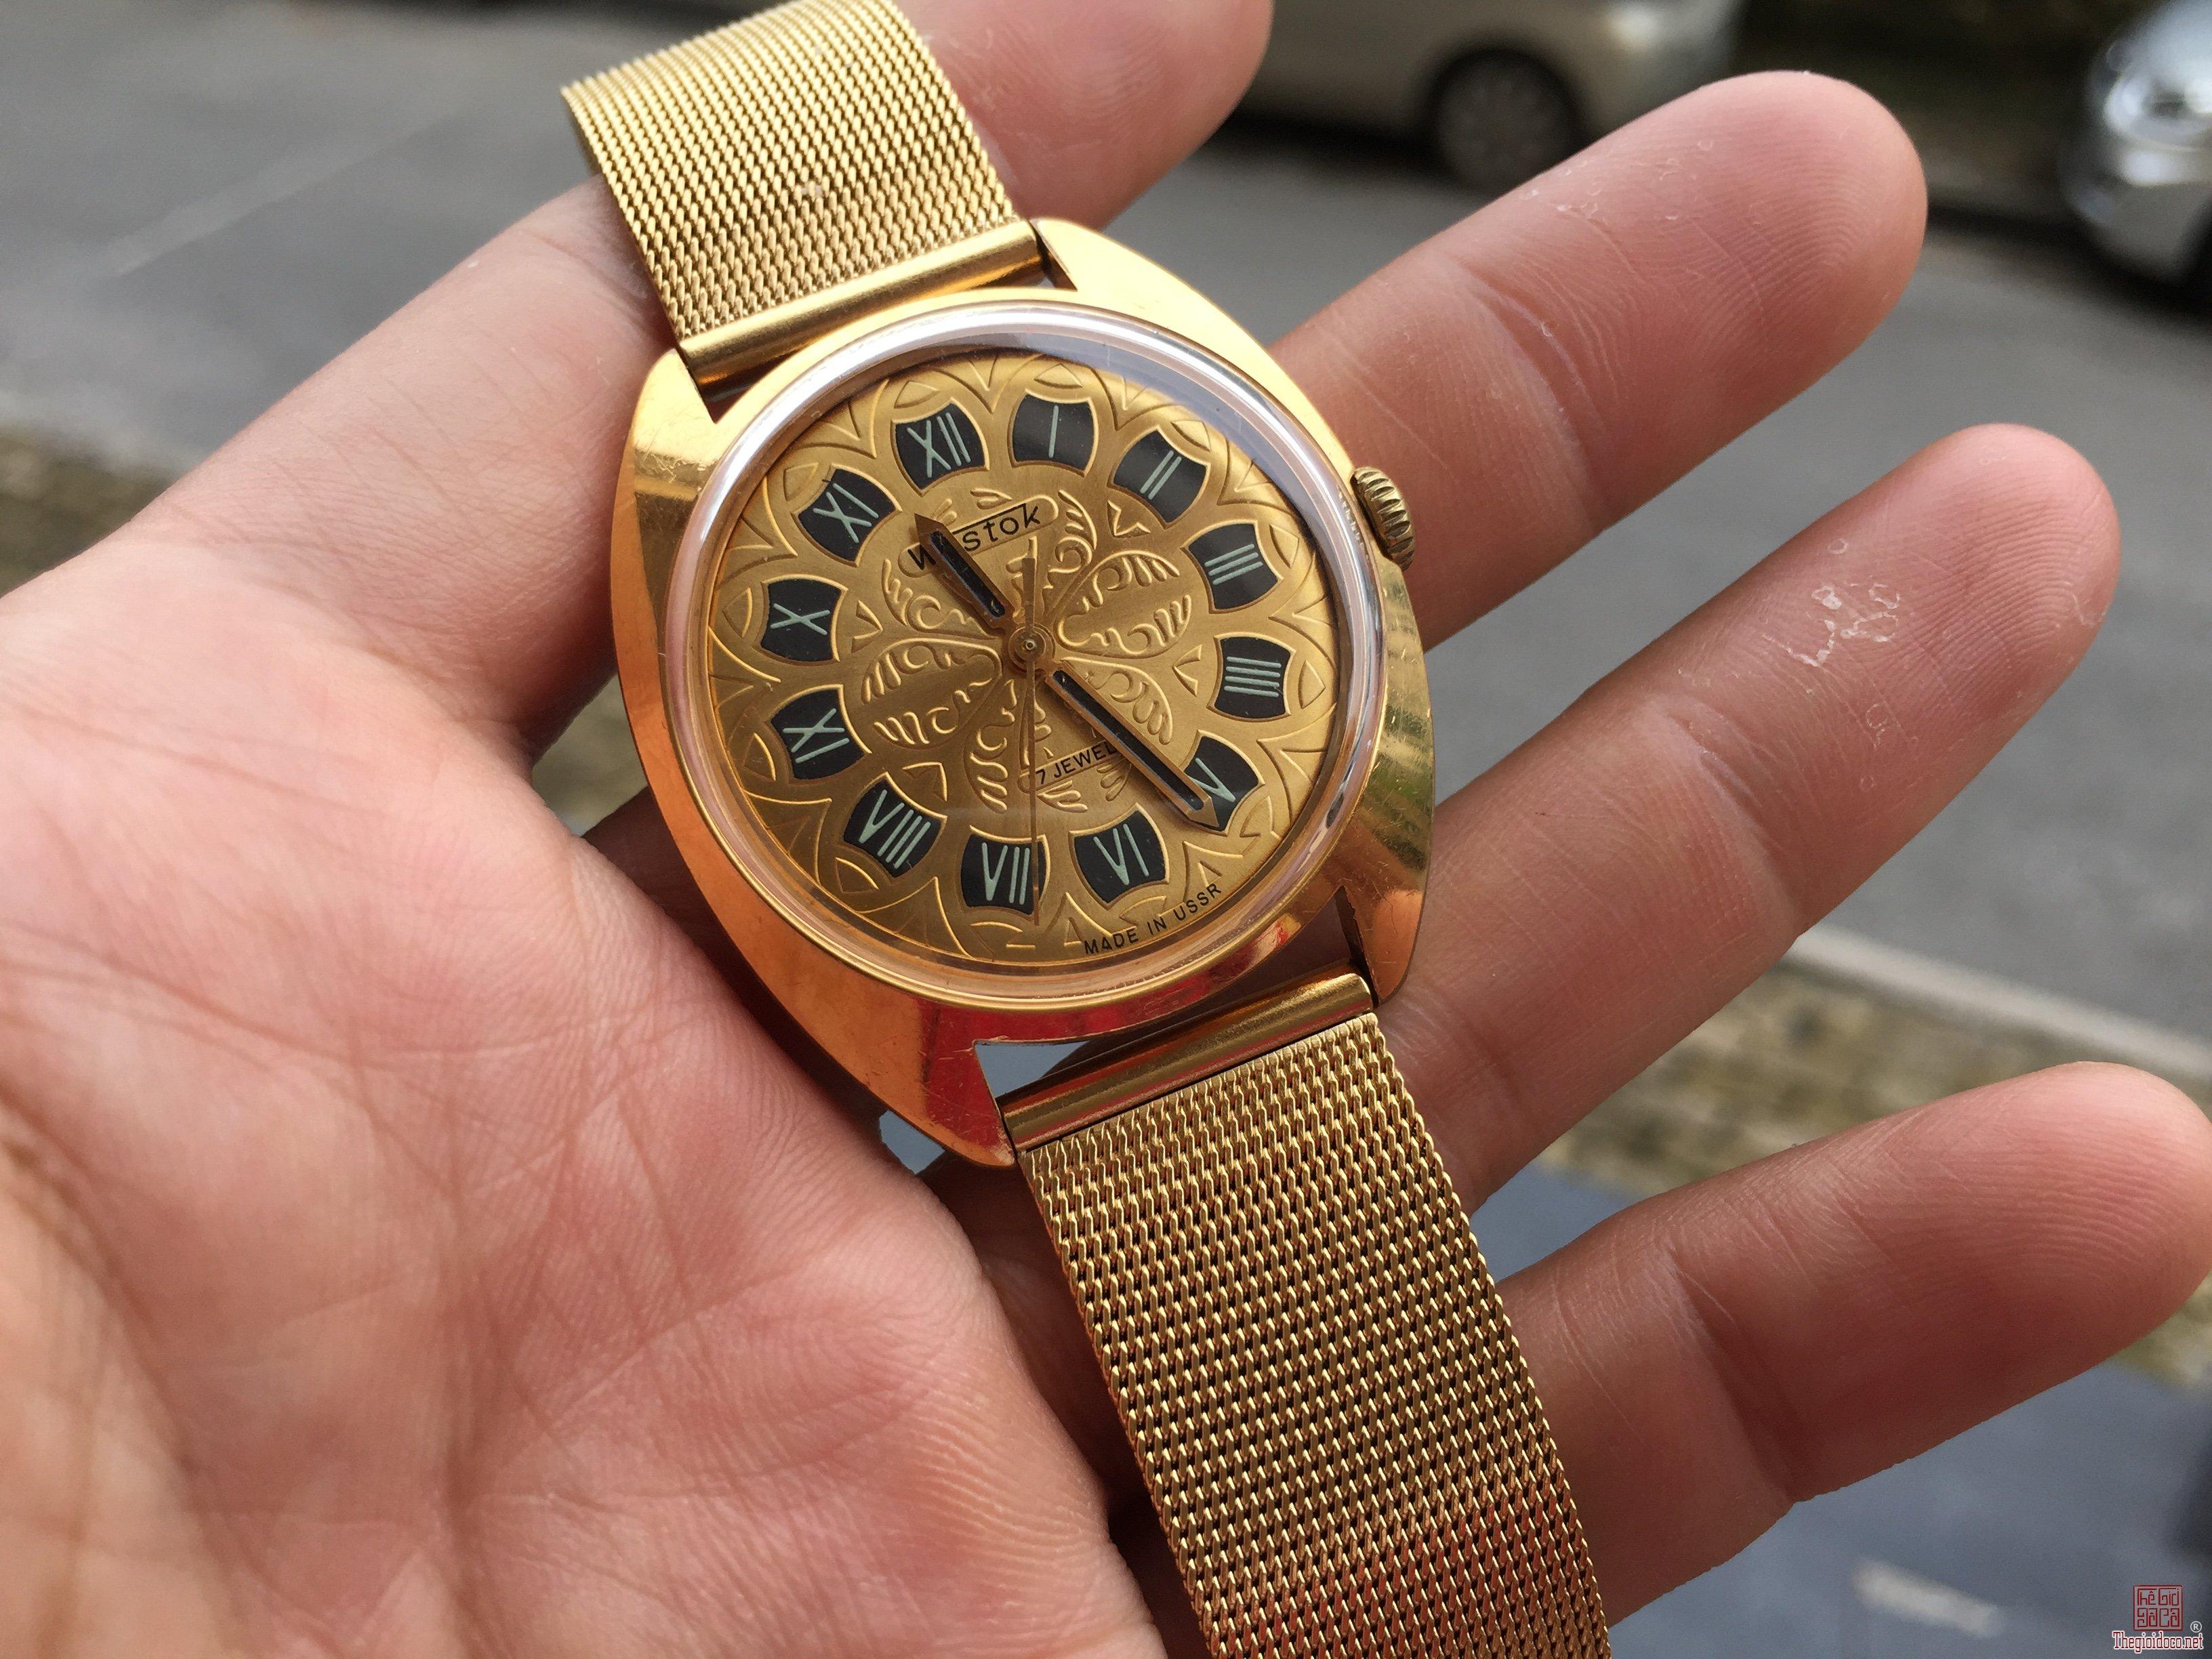 Đồng hồ Wostok Nga rất đẹp, hoạt động tốt